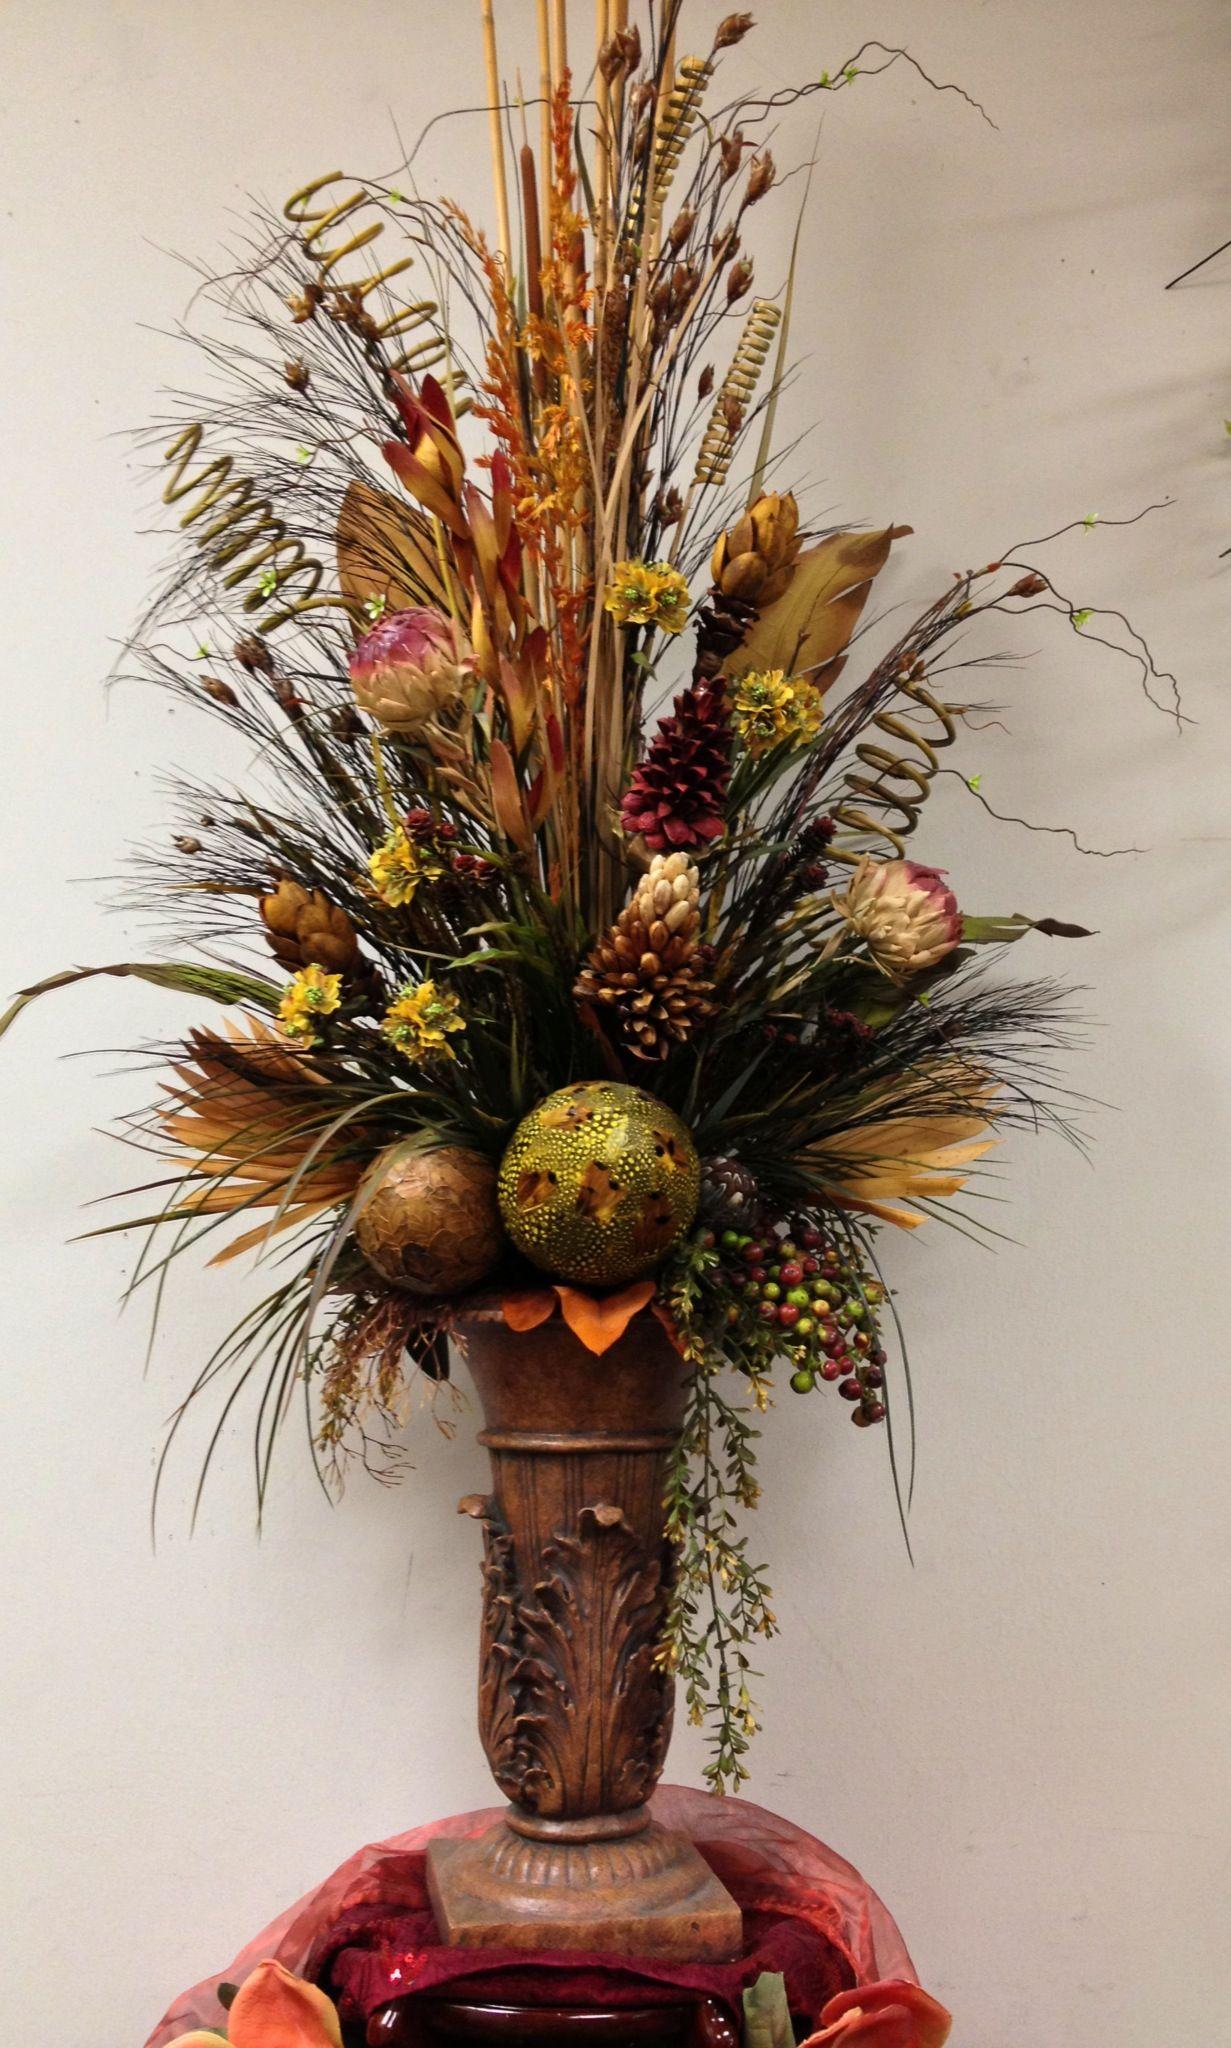 Arcadia Floral And Home Decor Dried Floral Arrangement Florals Pinterest